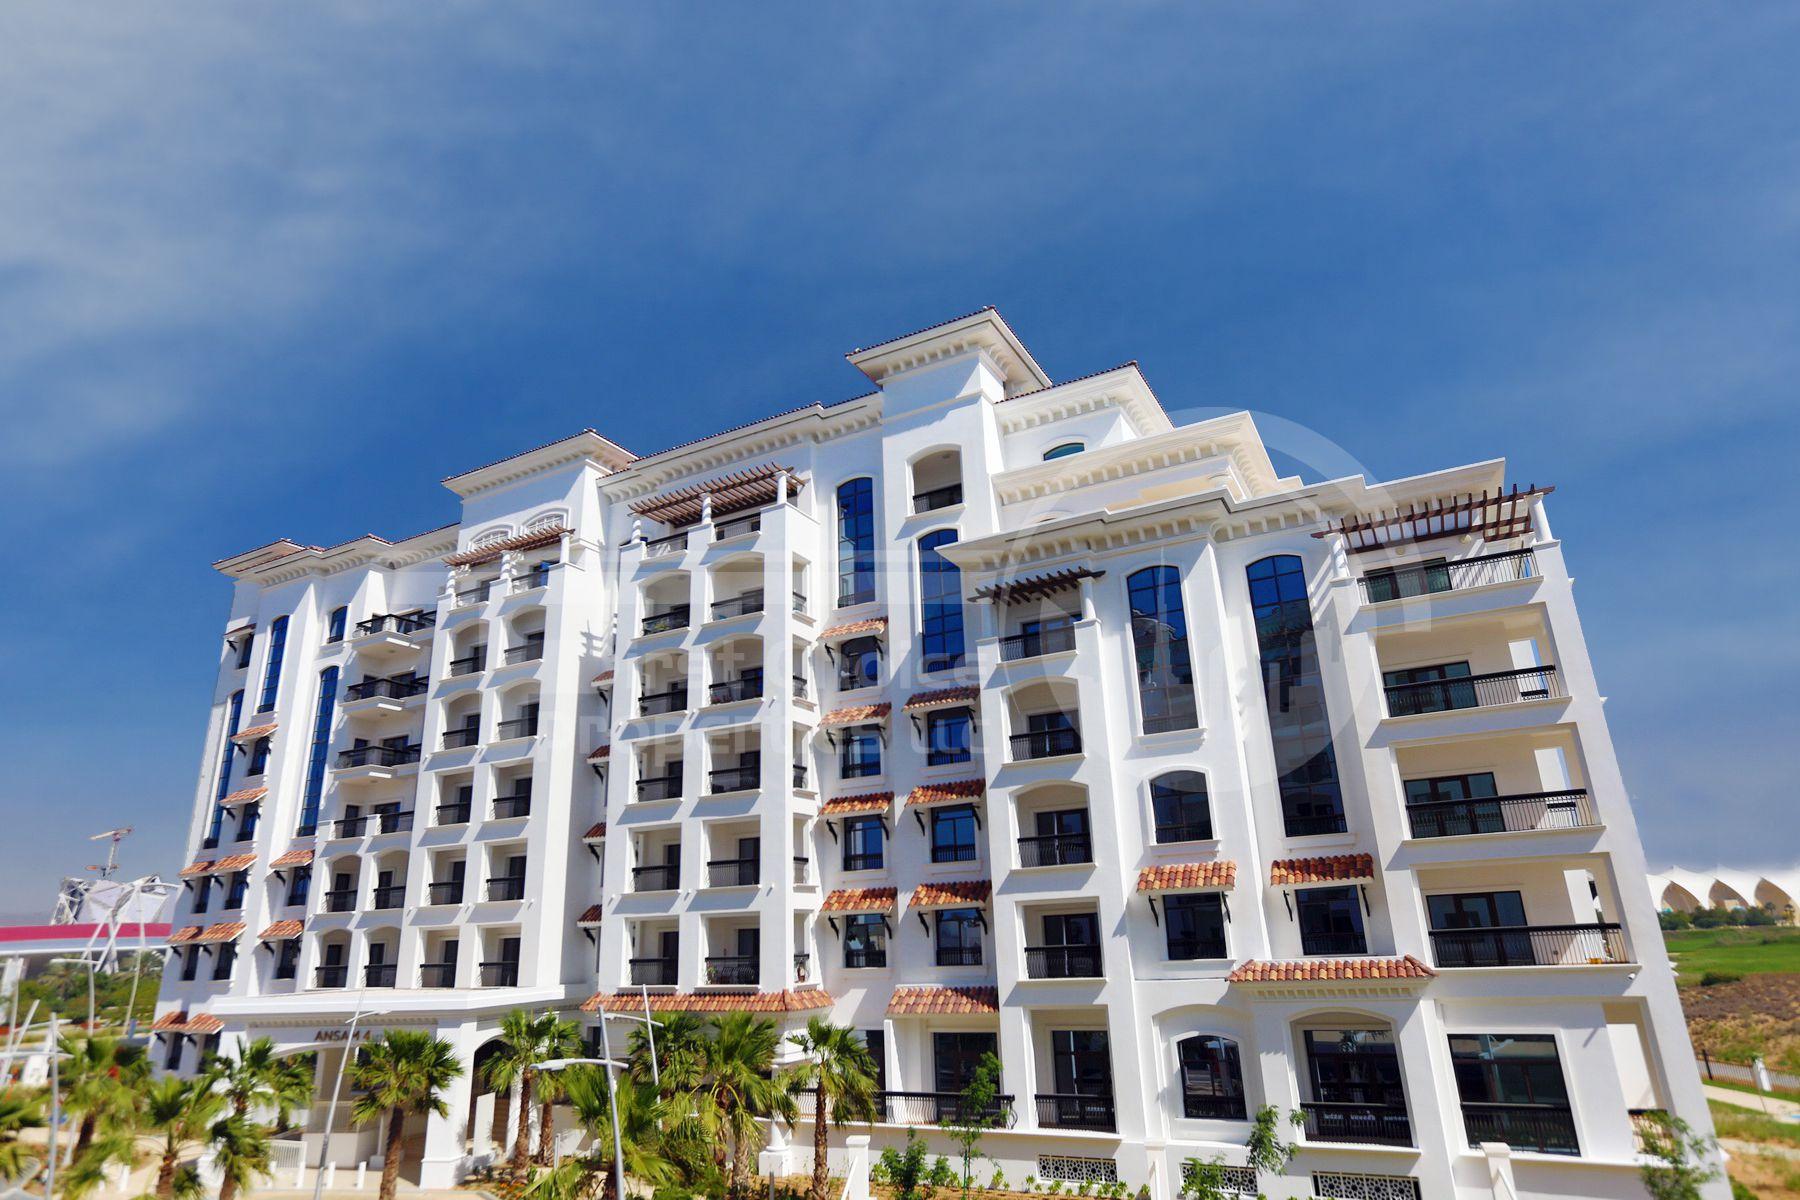 Studio - 1BR - 2BR - 3BR Apartment - UAE - Abu Dhabi - Yas Island - Ansam (21).jpg